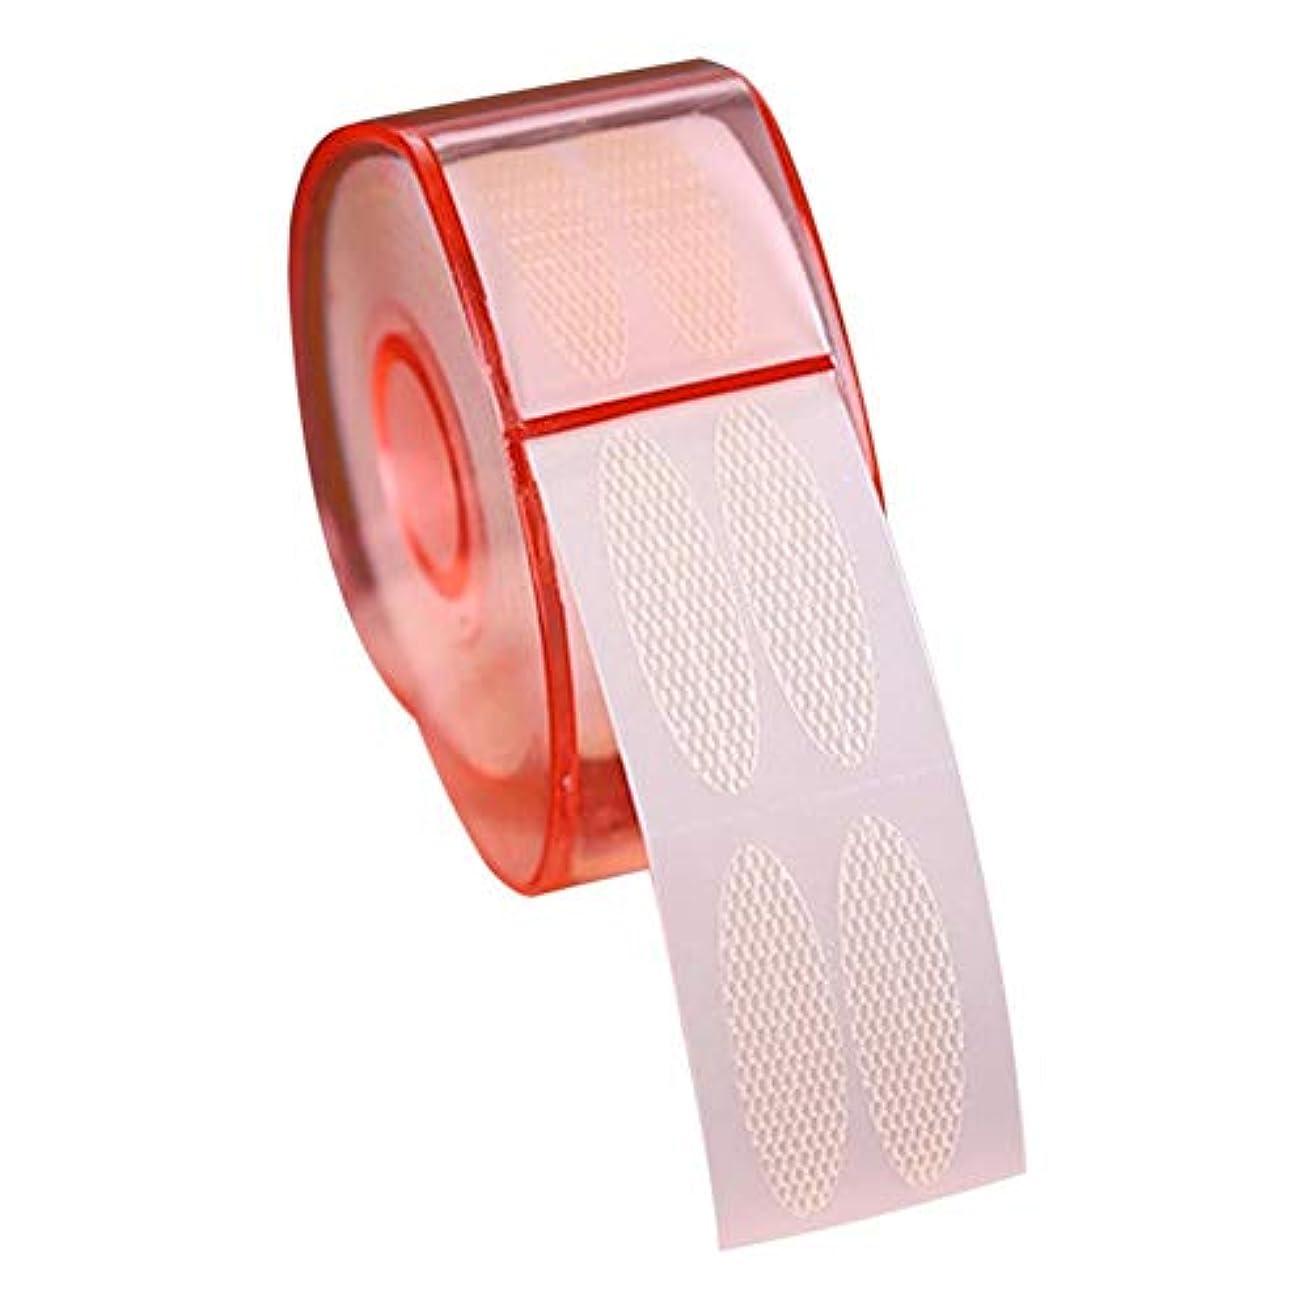 マカダム砂漠プレーヤーRagem 二重まぶたステッカー 二重まぶたテープ 見えない レース テープロール 通気性 防水 ナチュラル 魅力的 2タイプ